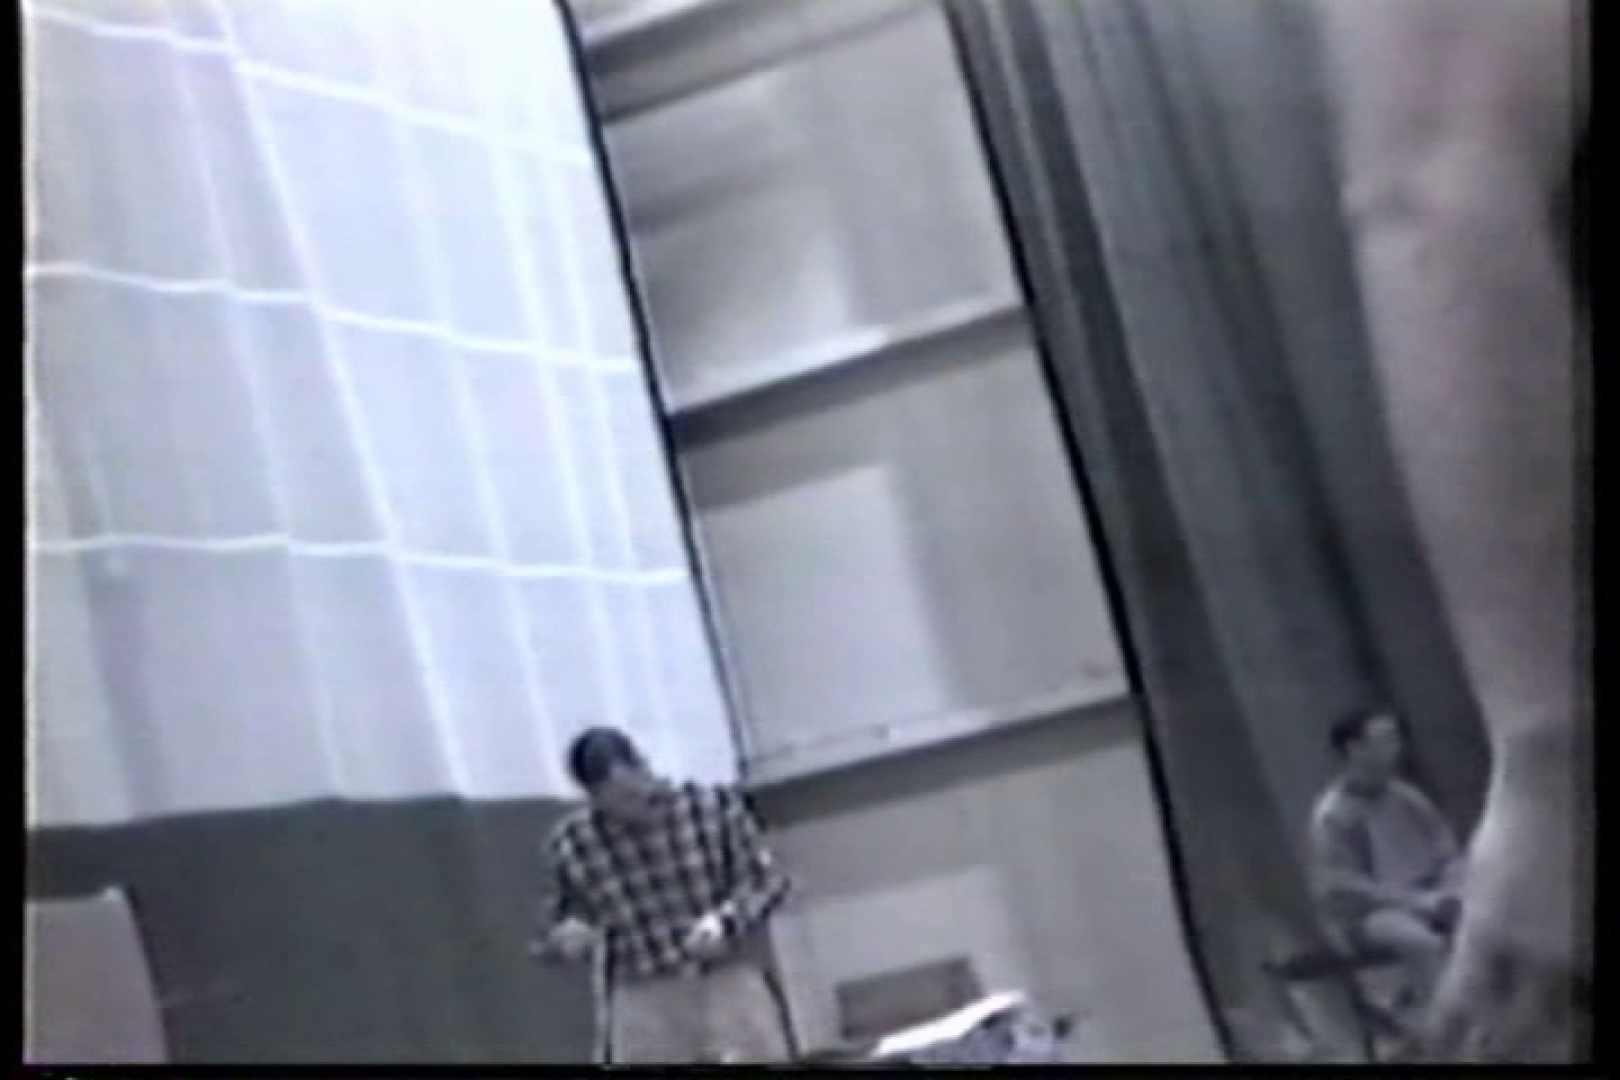 洋人さんの脱衣所を覗いてみました。VOL.5 ボーイズ覗き | ガチムチマッチョ系  80pic 40